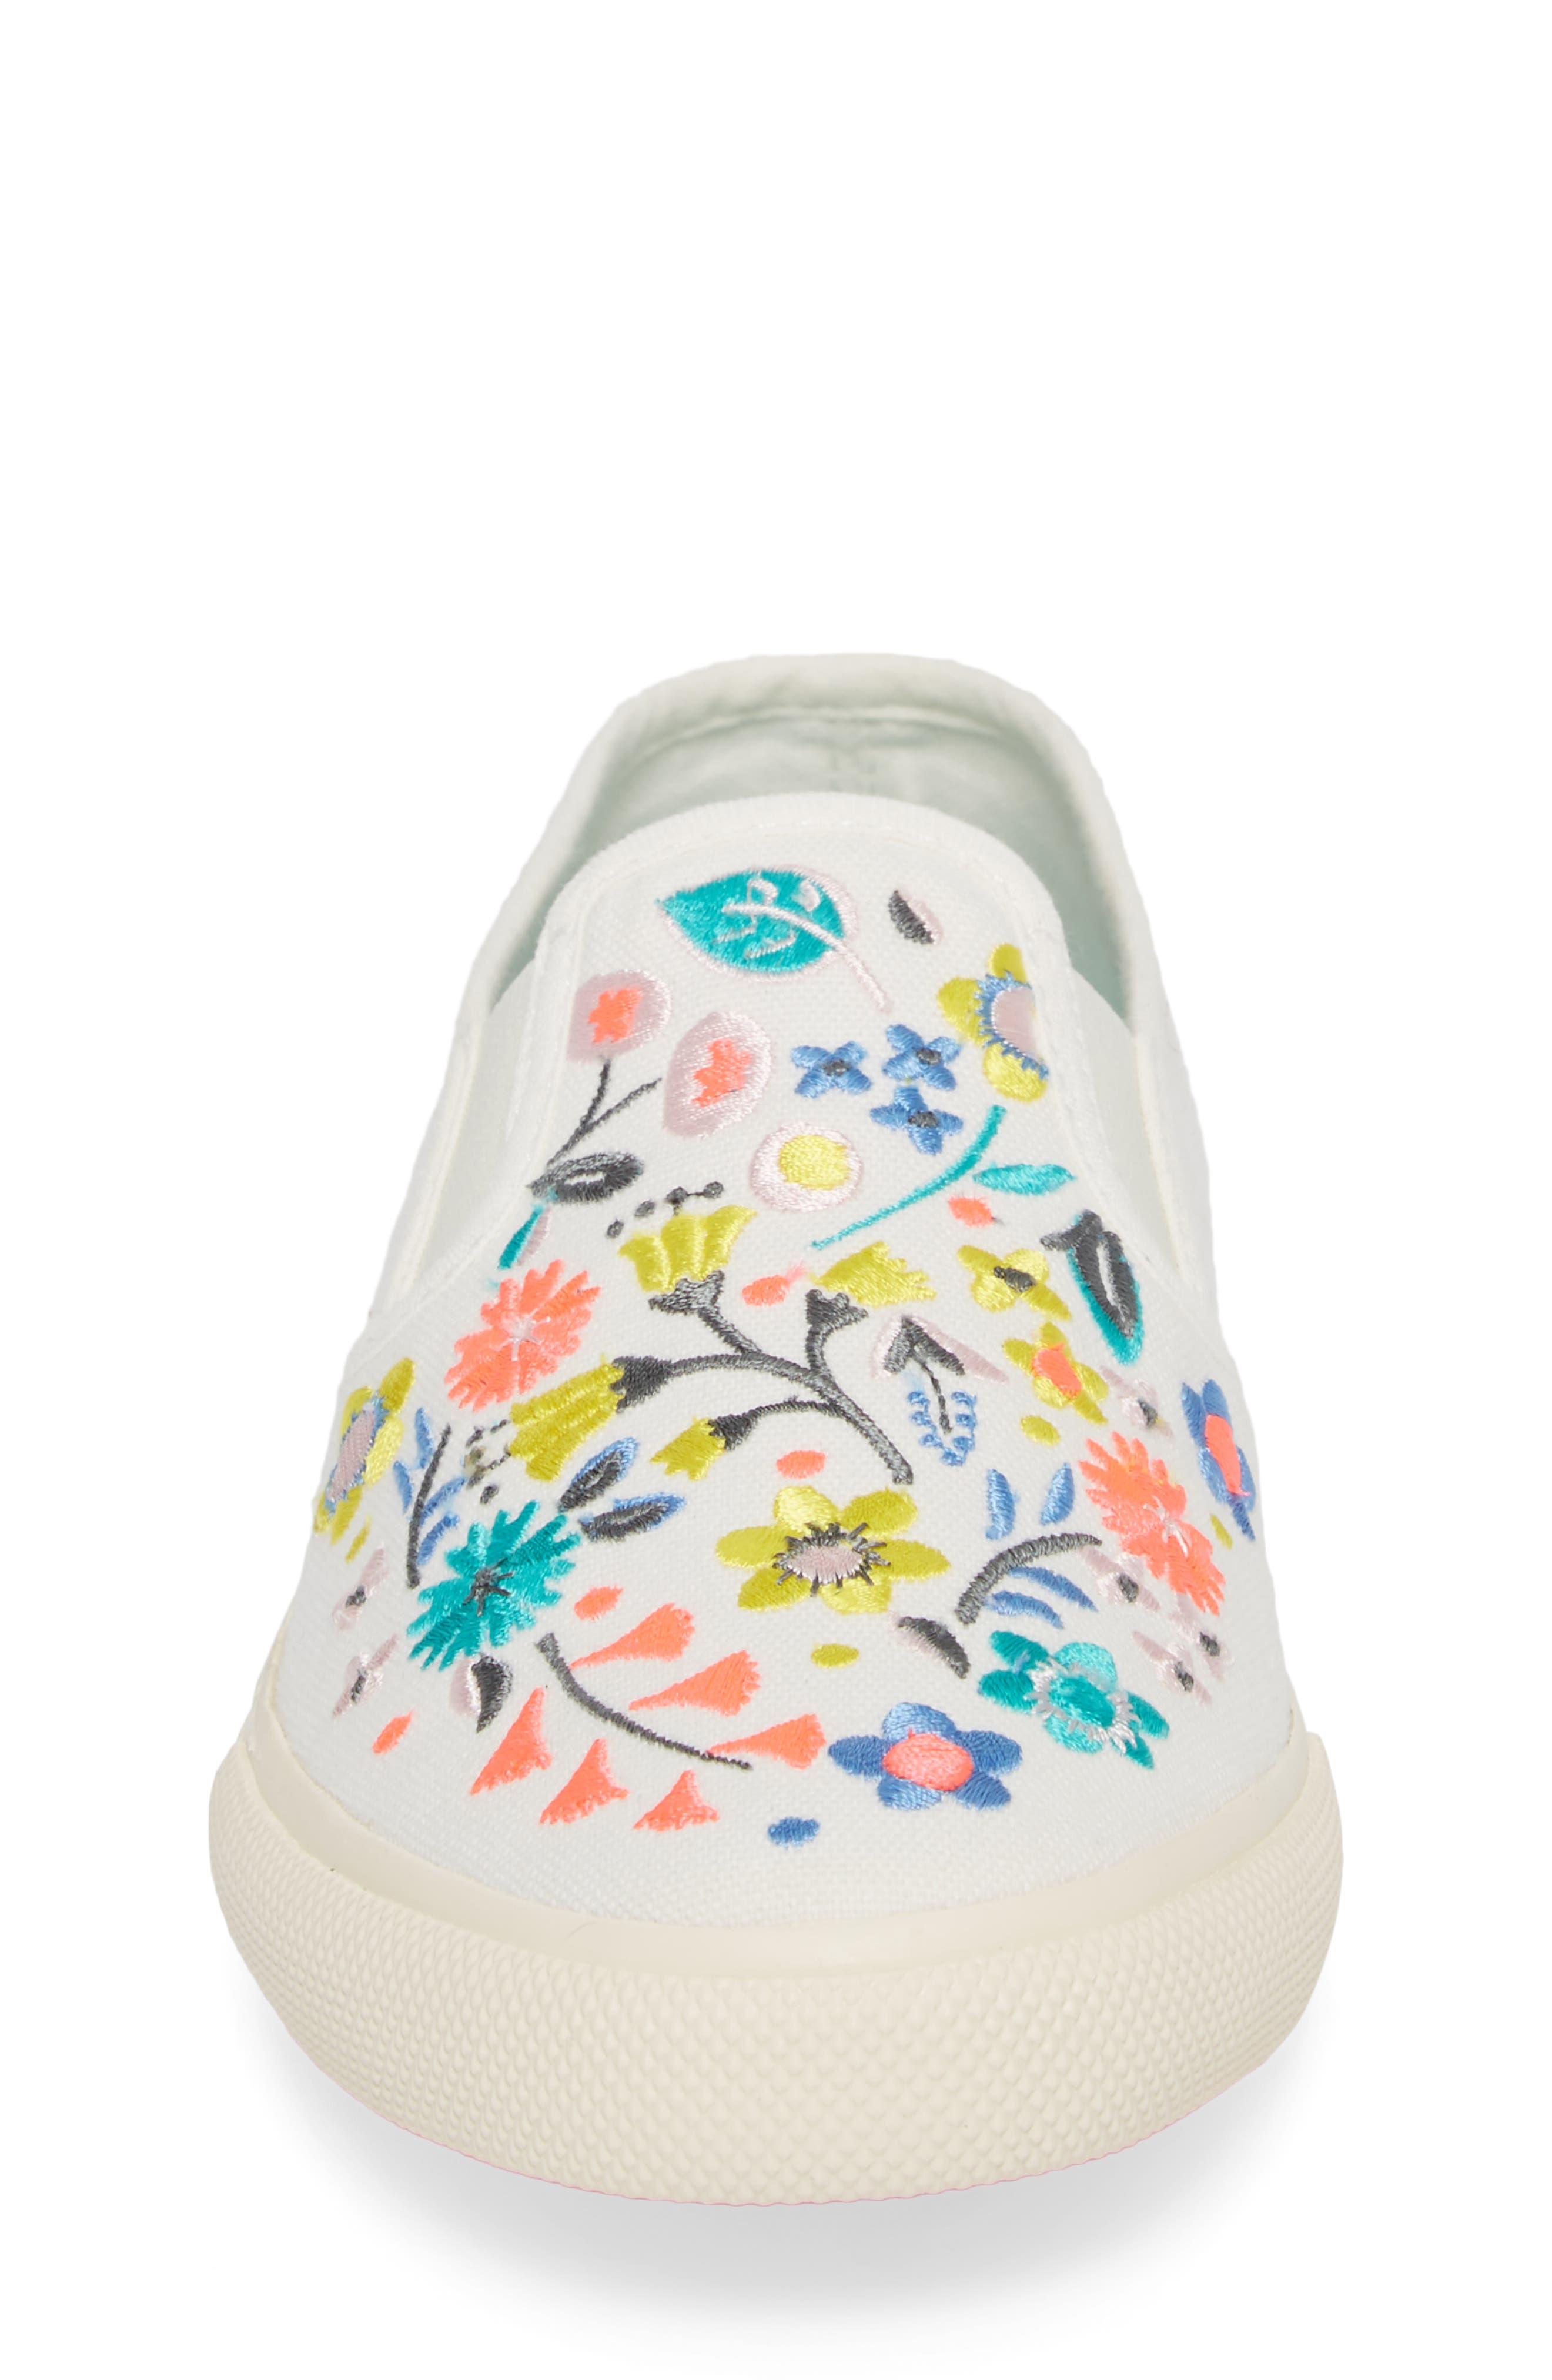 Boden Embroidered Slip-On Sneaker,                             Alternate thumbnail 4, color,                             Ecru